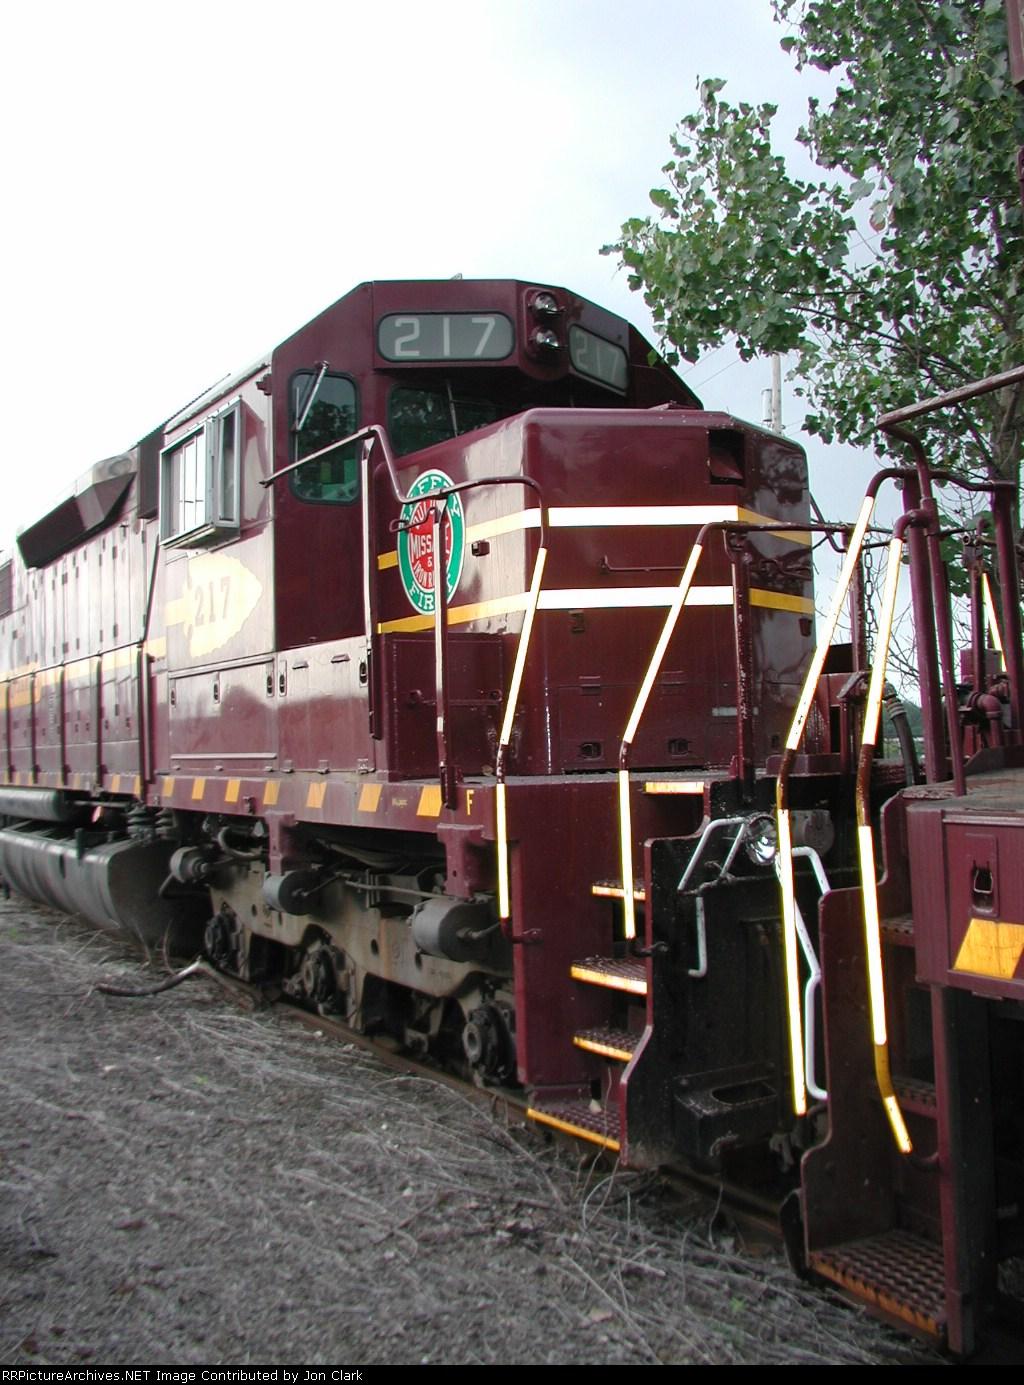 DMIR 217